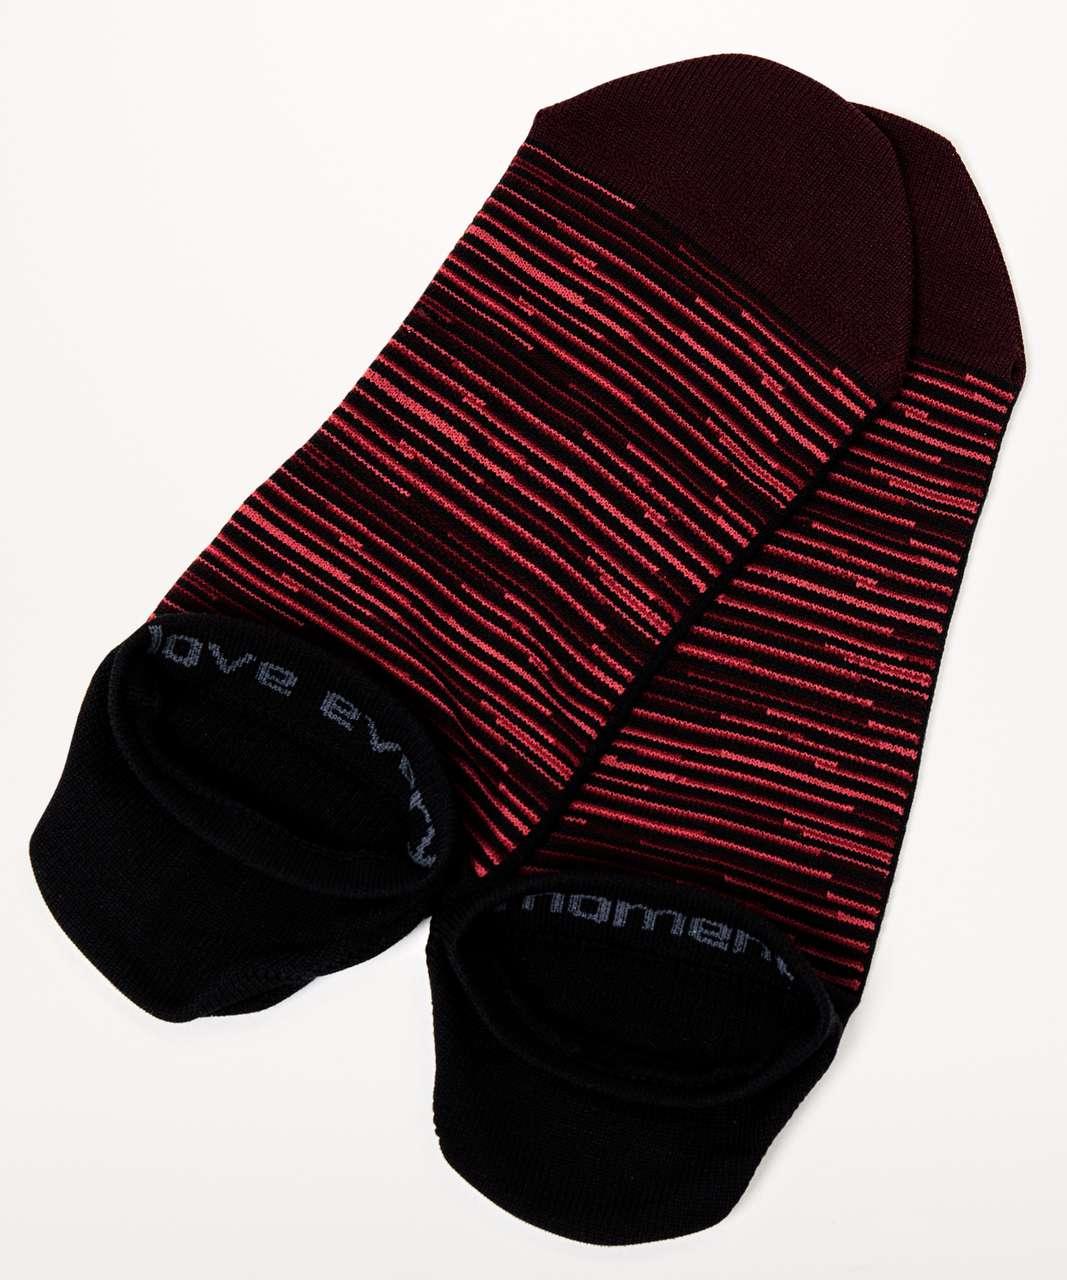 Lululemon Play All Day Sock - Garnet / Black